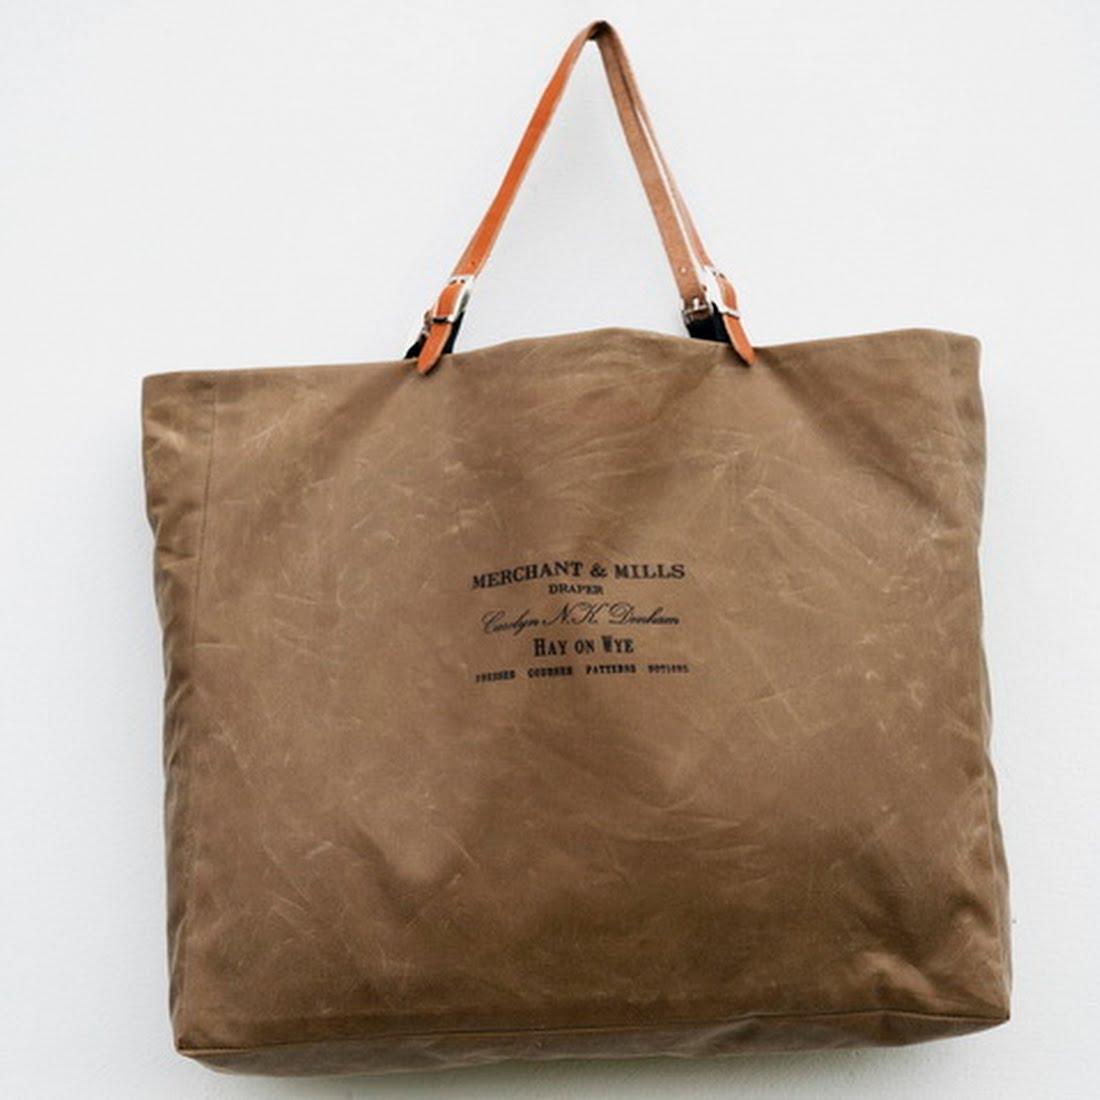 Oilskin Bag Kit (komplett) - Oilskin Bag Kit